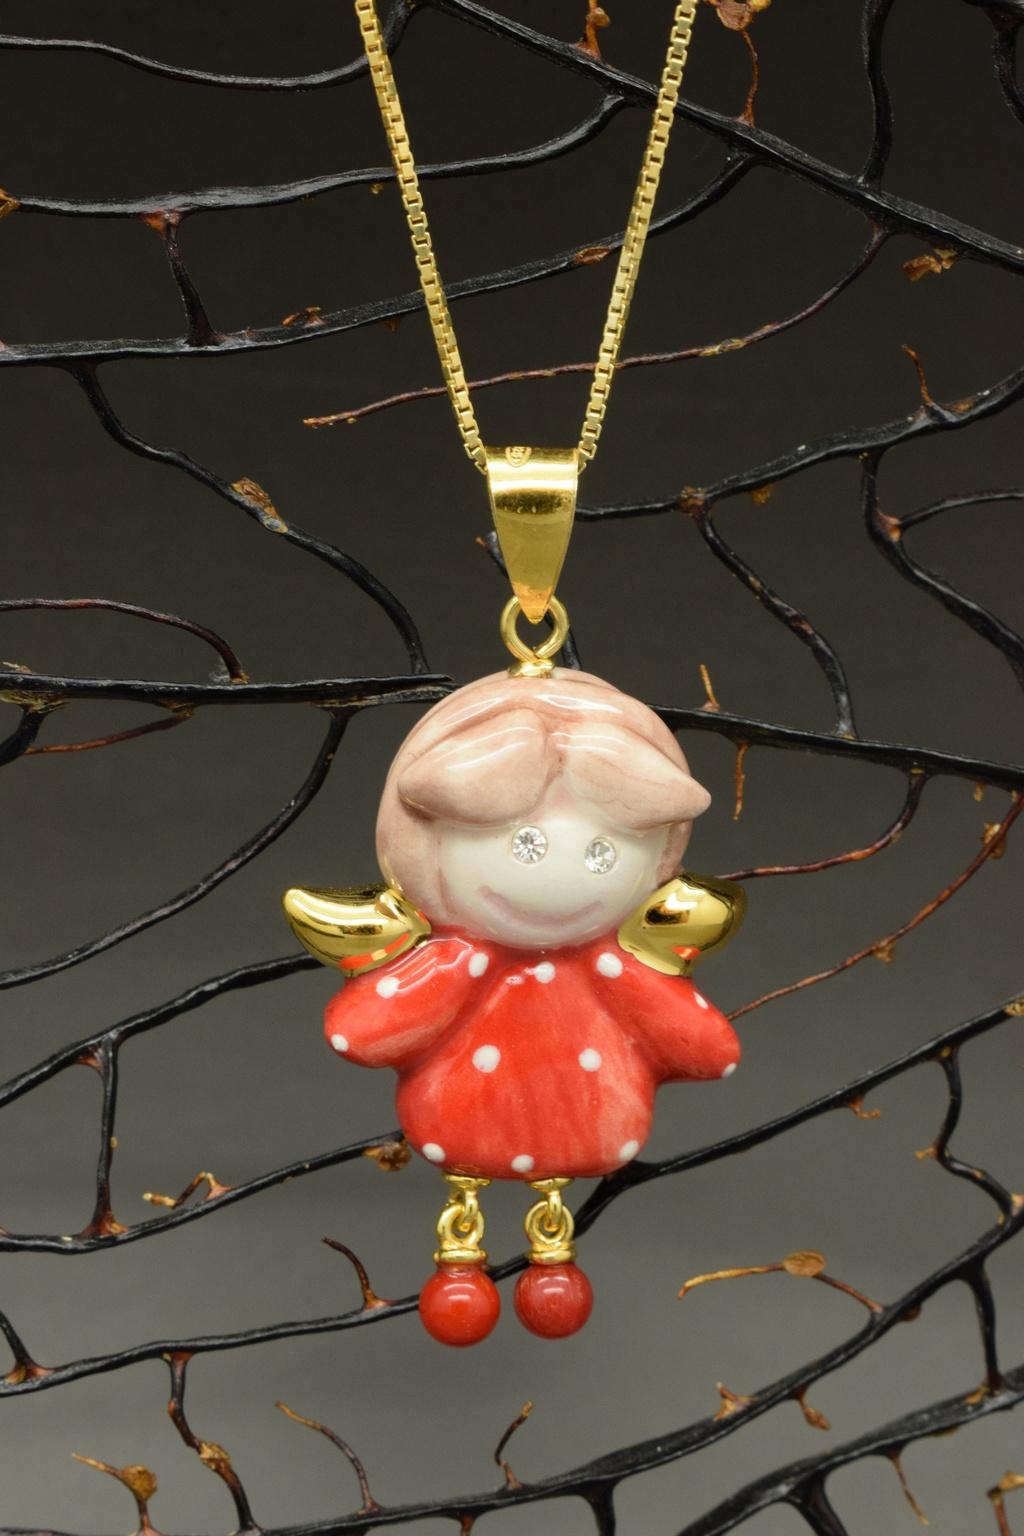 ciondolino portafortuna, angioletto fortunato con collana in argento